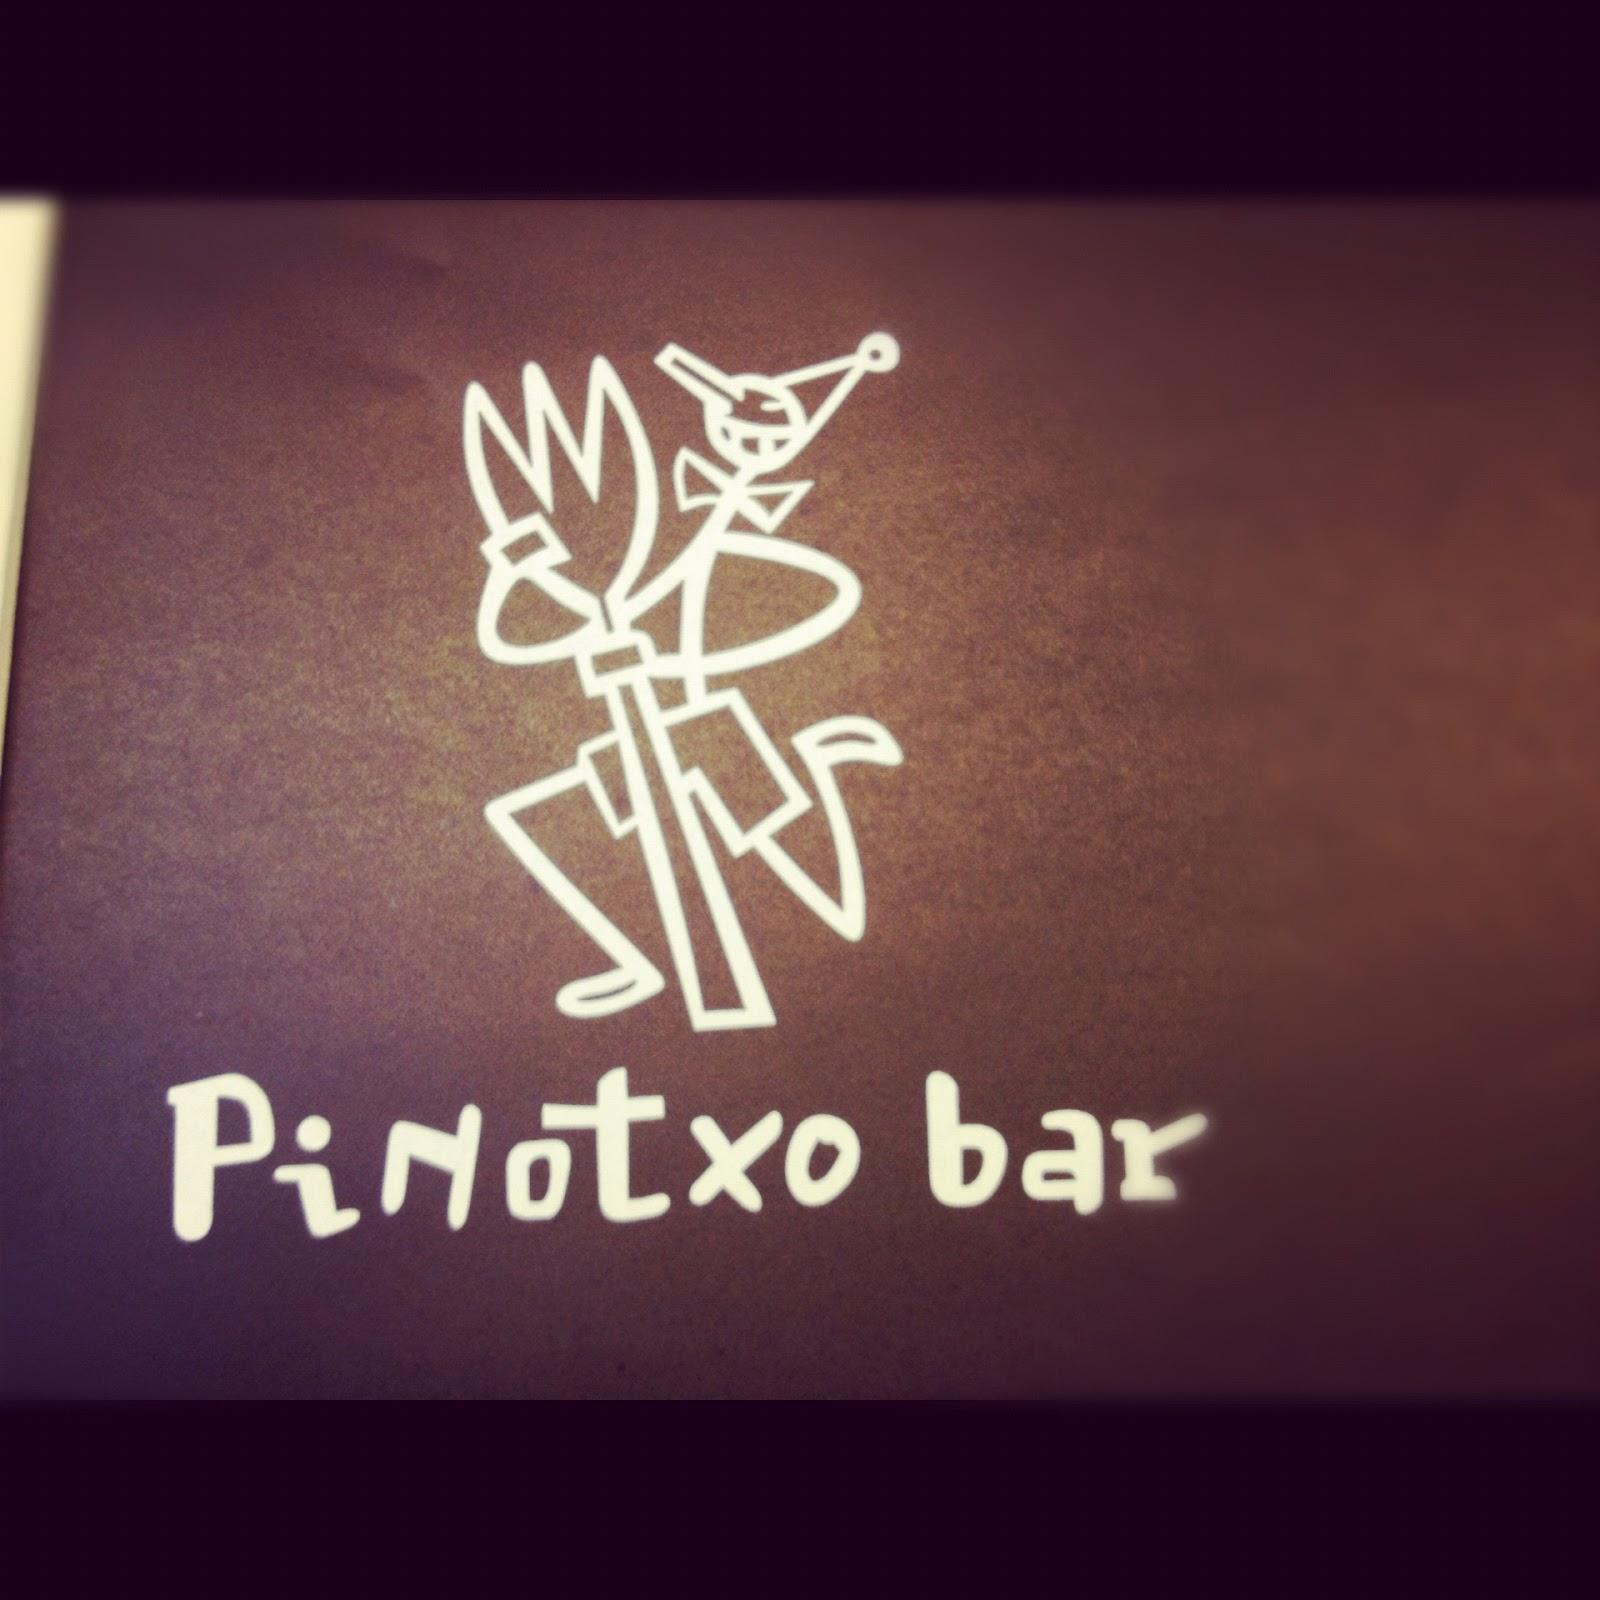 El arte de la cocina: El bar de Pinotxo La Boqueria